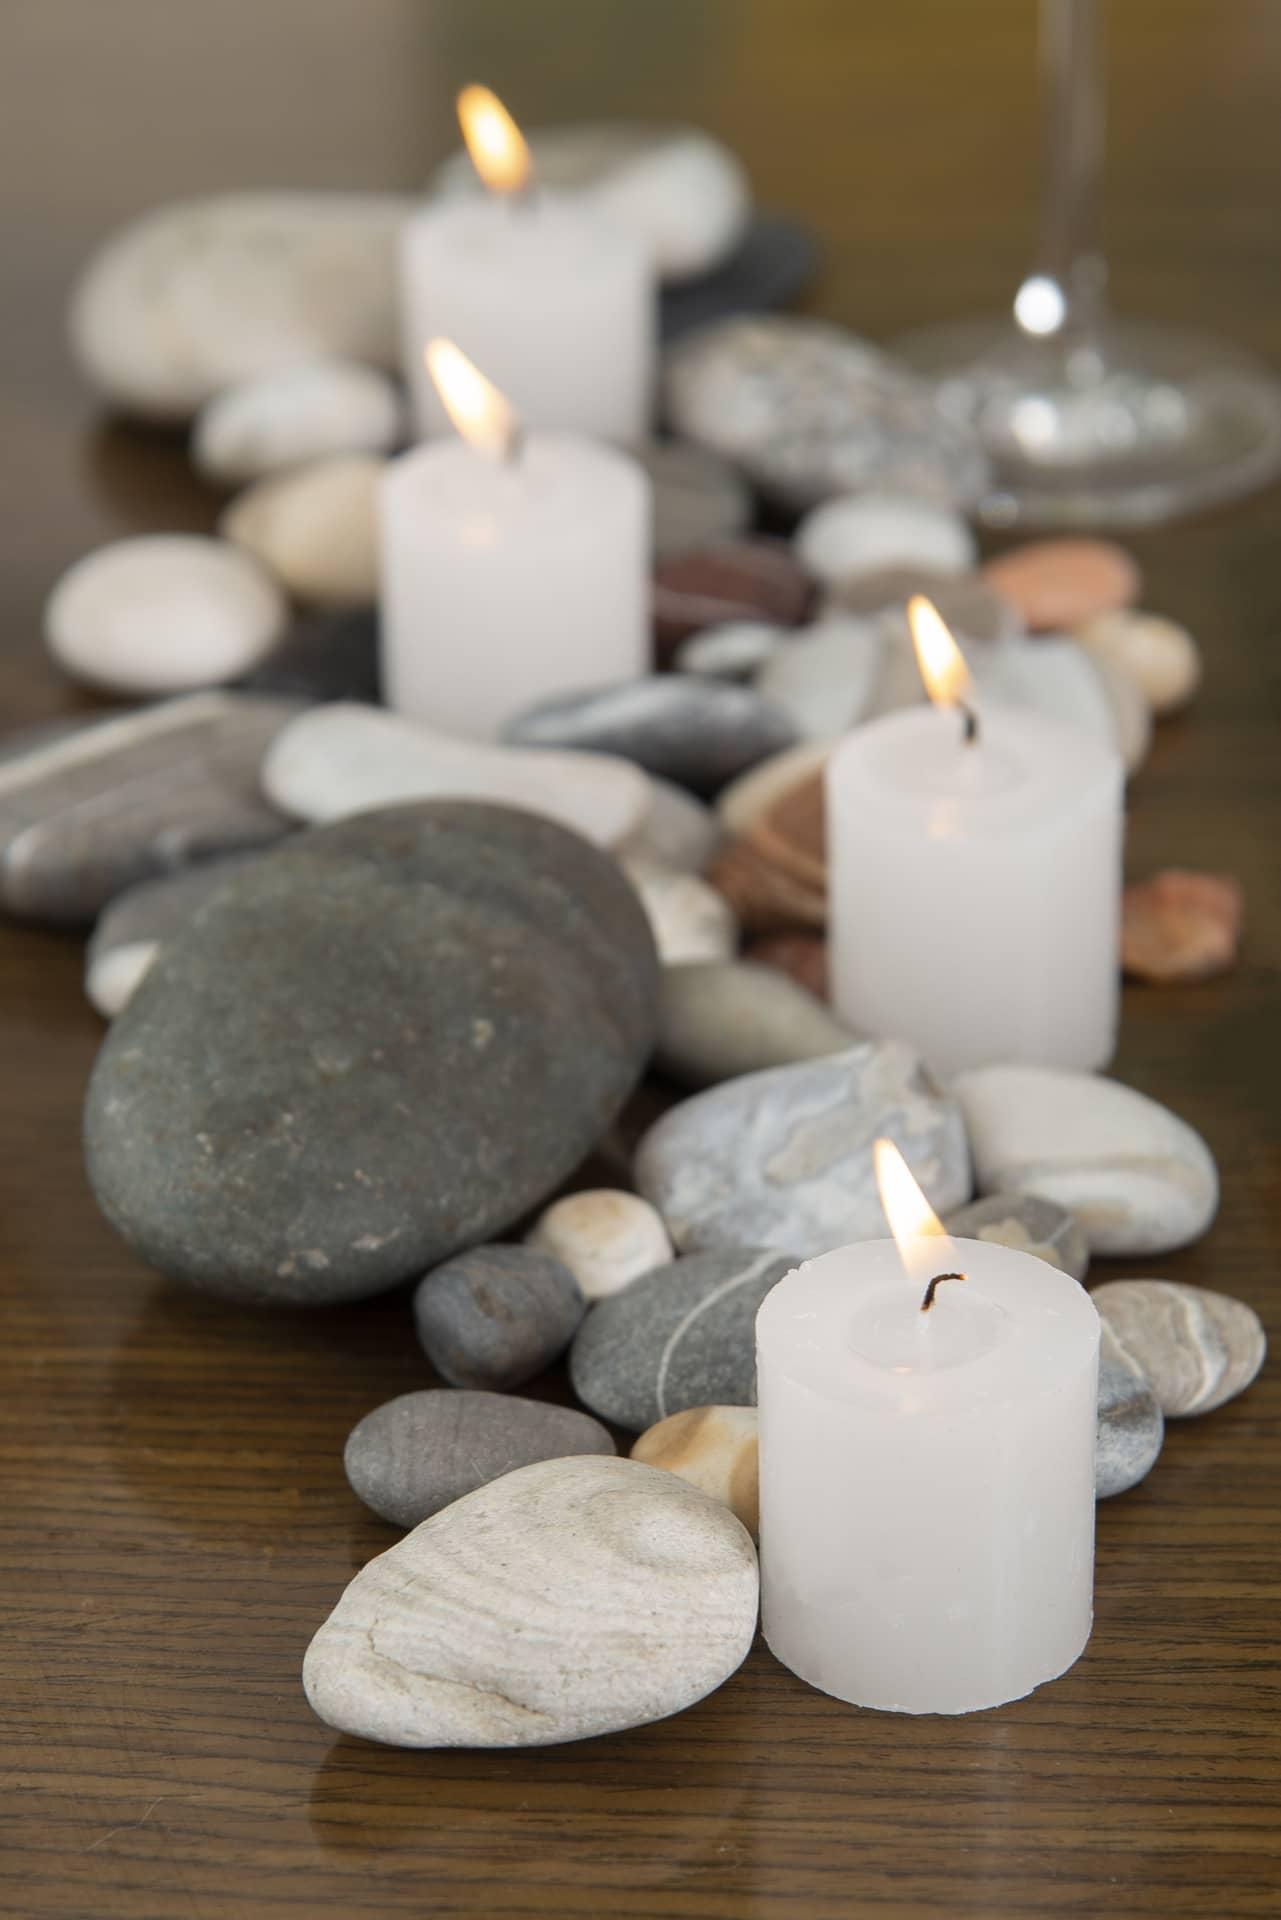 Imagem: Para compor o centro de mesa, espalhe seixos de vários tamanhos, em tons de cinza, e algumas velas brancas, largas e baixas. Fotos: Cacá Bratke